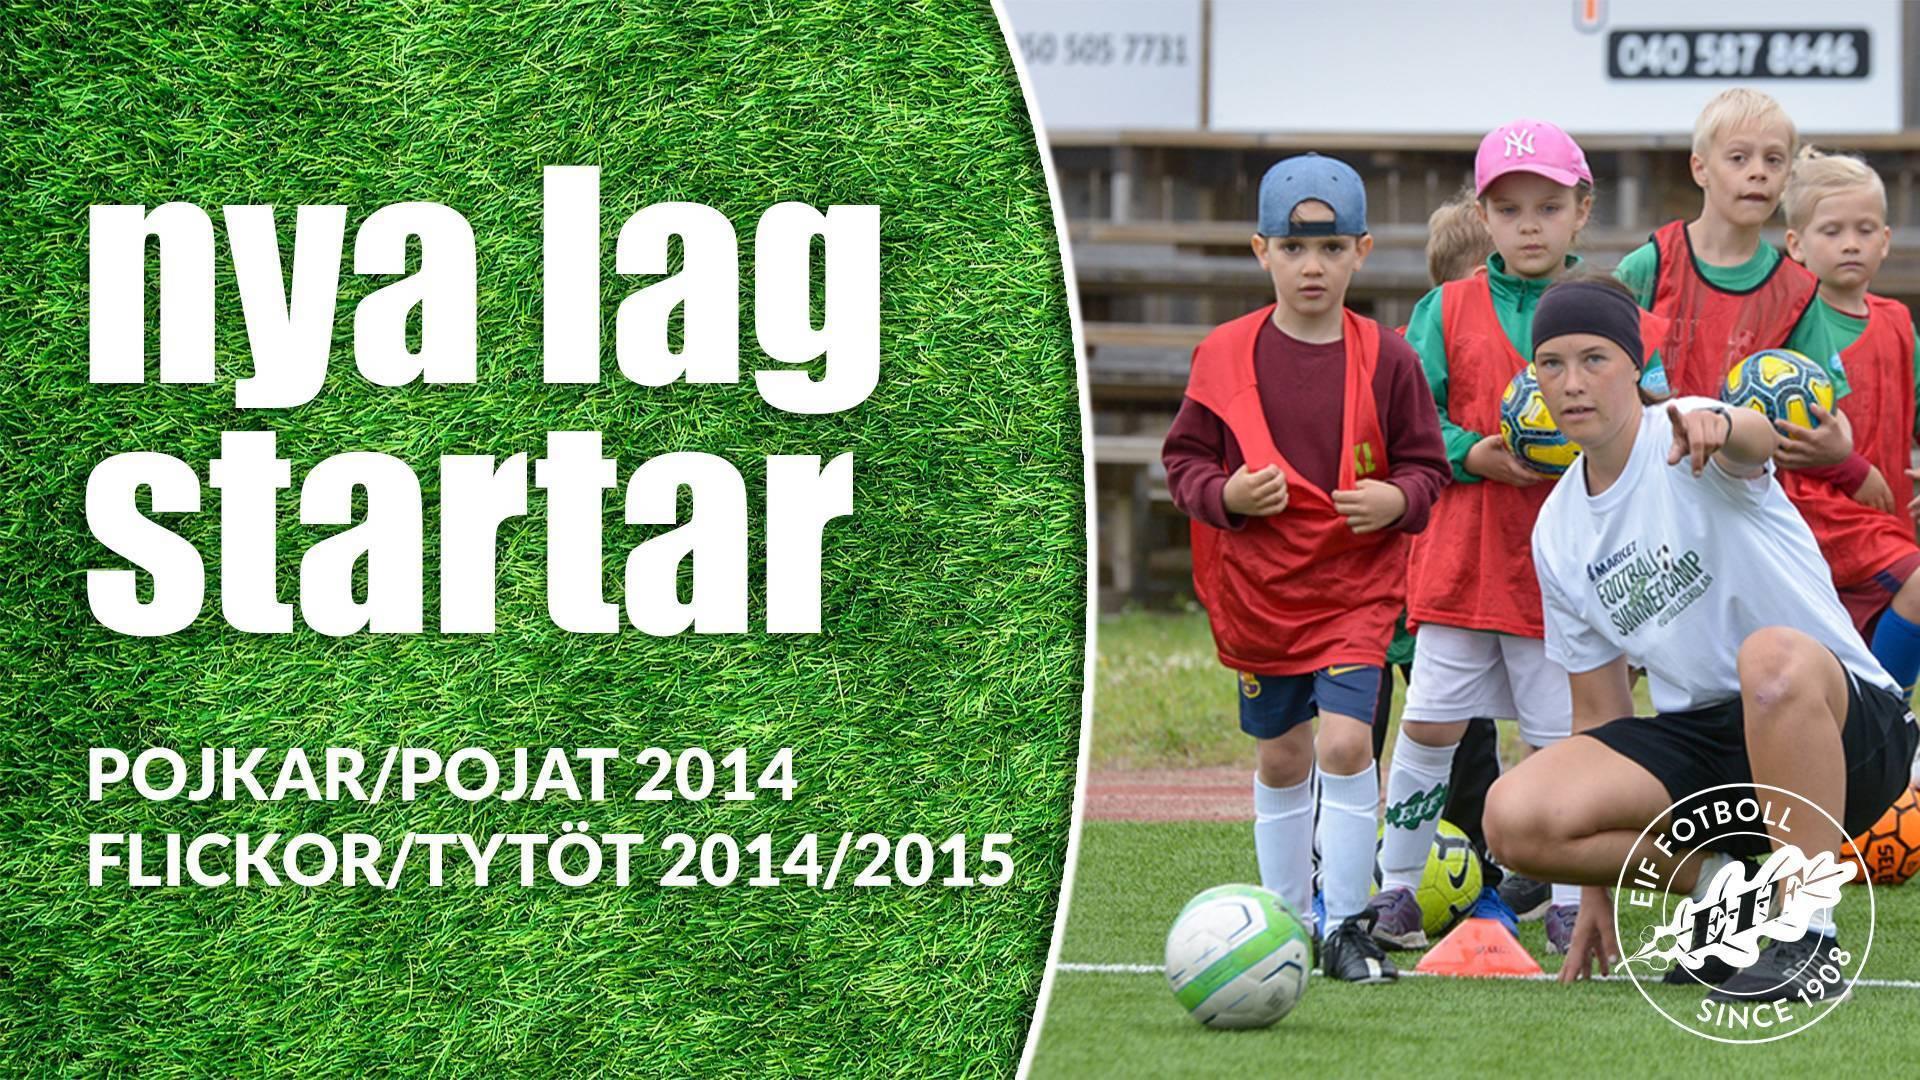 Kick off för flickor 14/15 och pojkar 14 – Uudet joukkueet tytöt 14/15 ja pojat 14 käynnistyvät